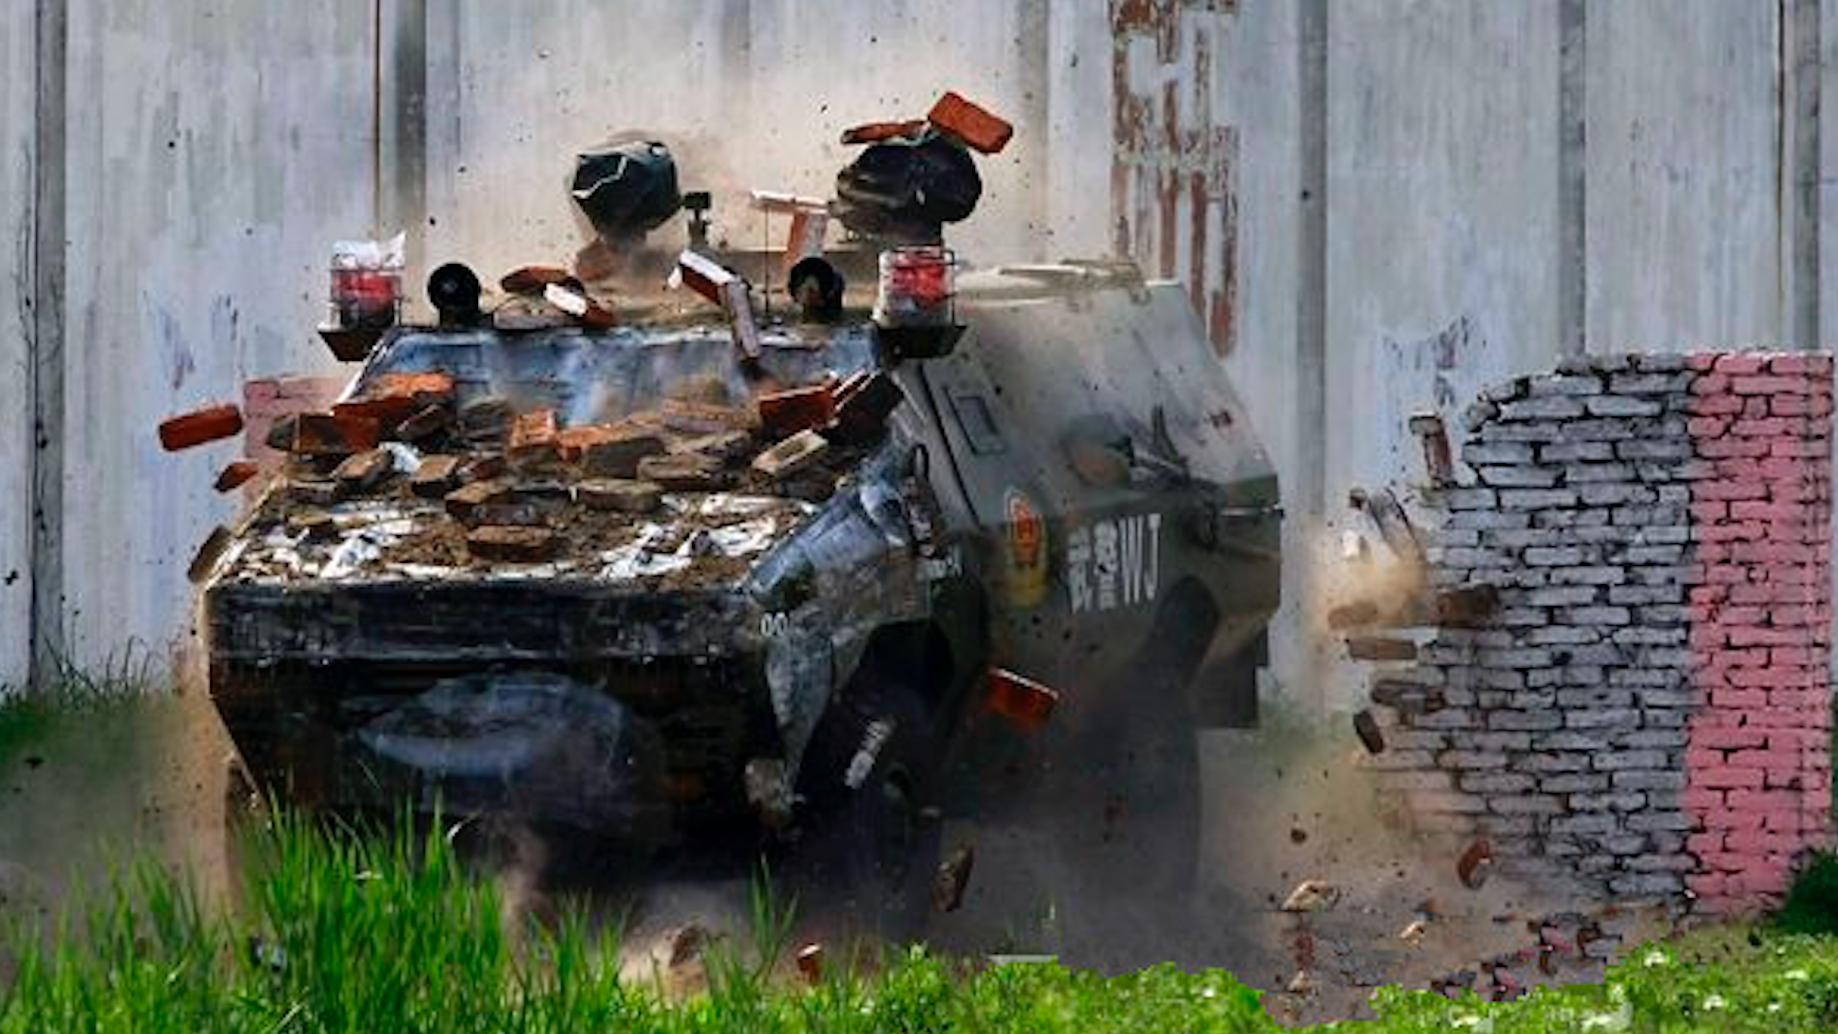 3000武装特警、防爆装甲车开路,现实版《破冰行动》有多惨烈?